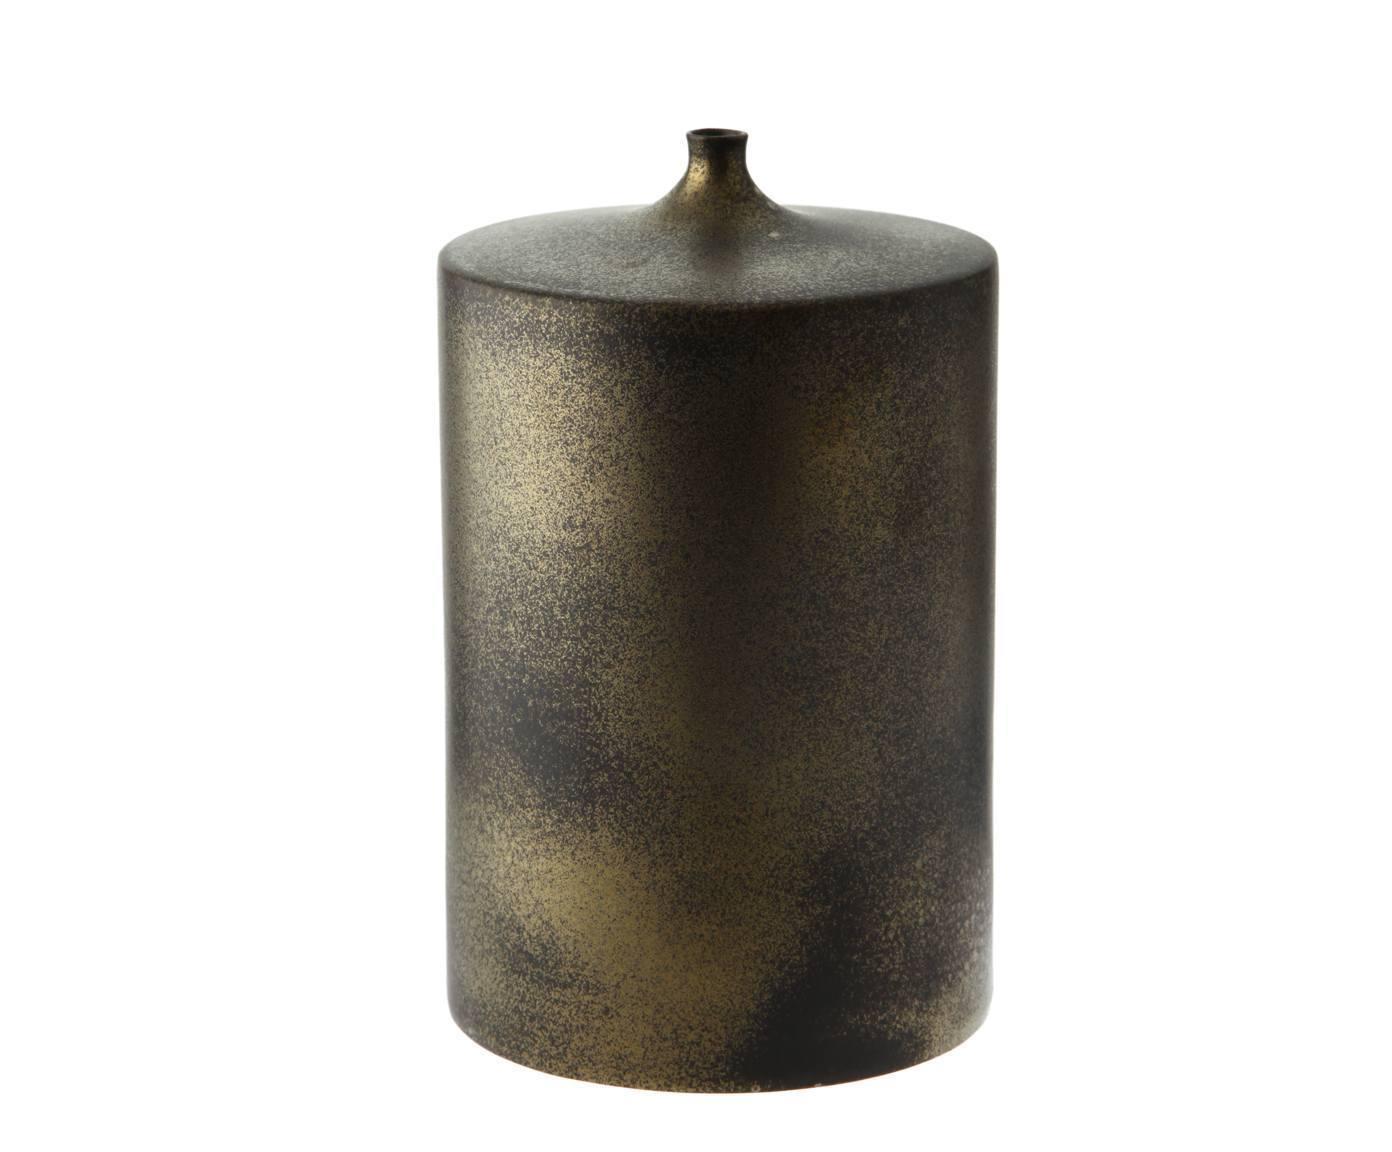 Вазы настольные Элитная ваза декоративная Bronze Сylinder средняя от S. Bernardo elitnaya-vaza-dekorativnaya-bronze-sylinder-srednyaya-ot-s-bernardo-portugaliya.jpg